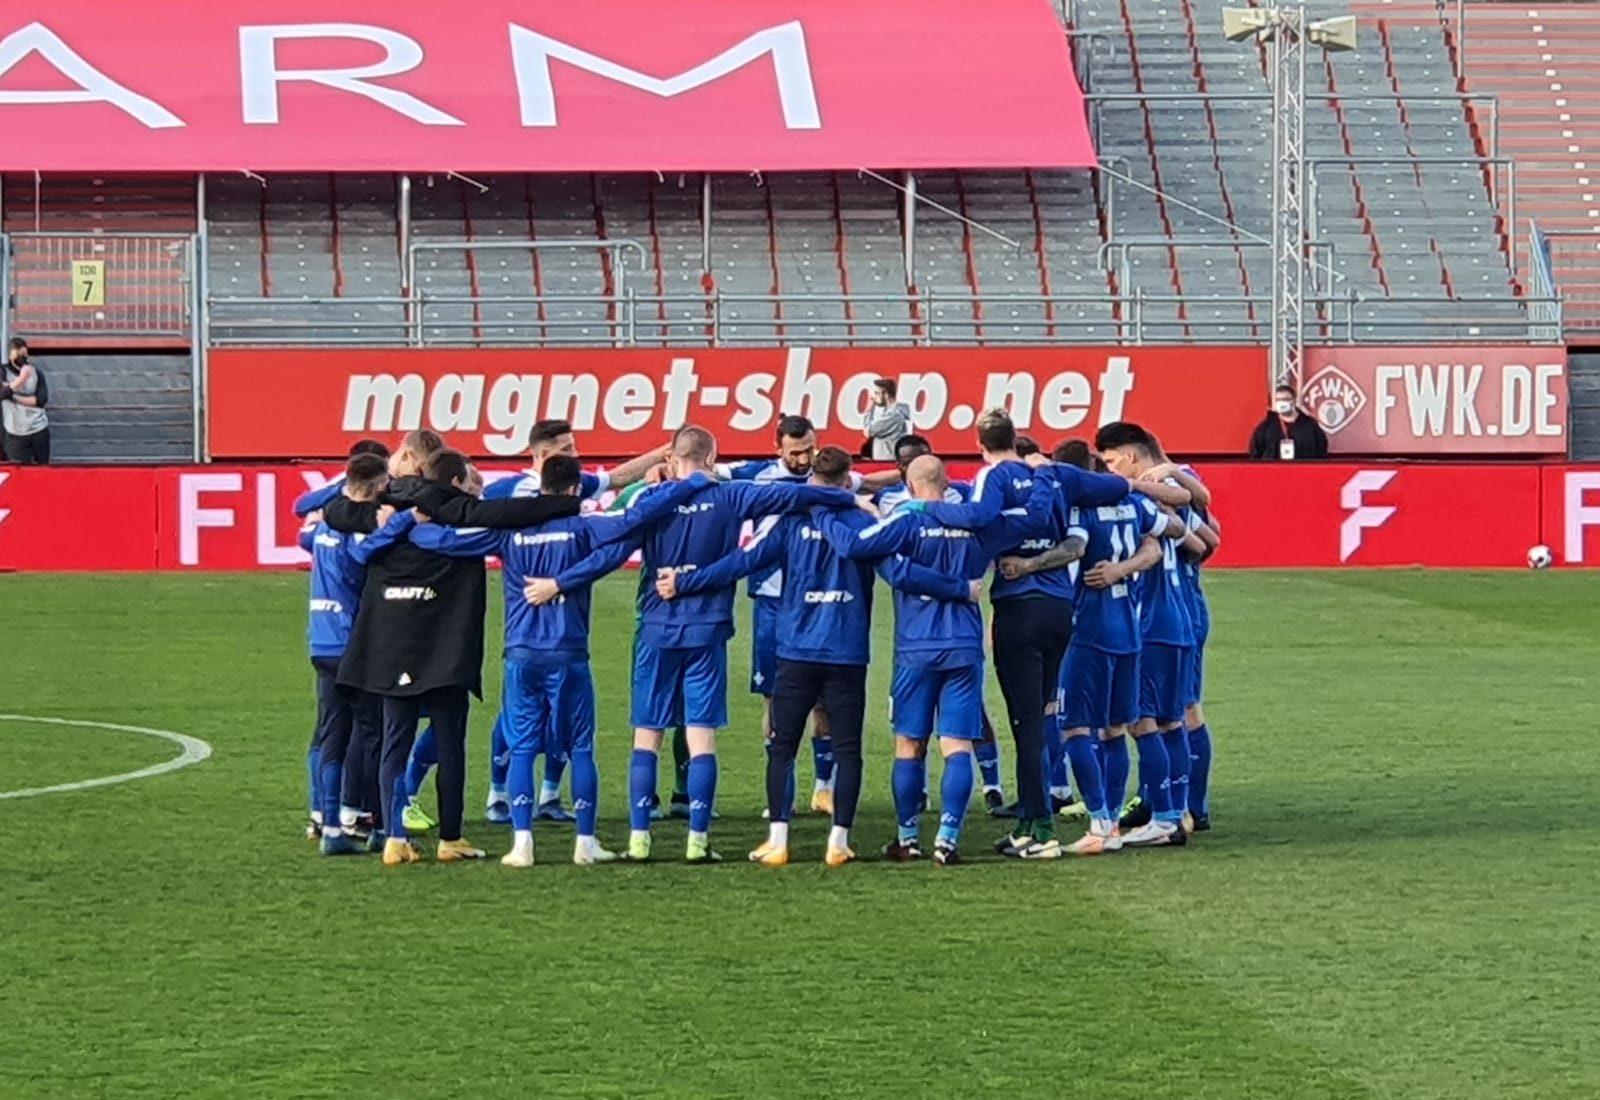 Würzburger Kickers – SV Darmstadt 98 1:3 (0:1)